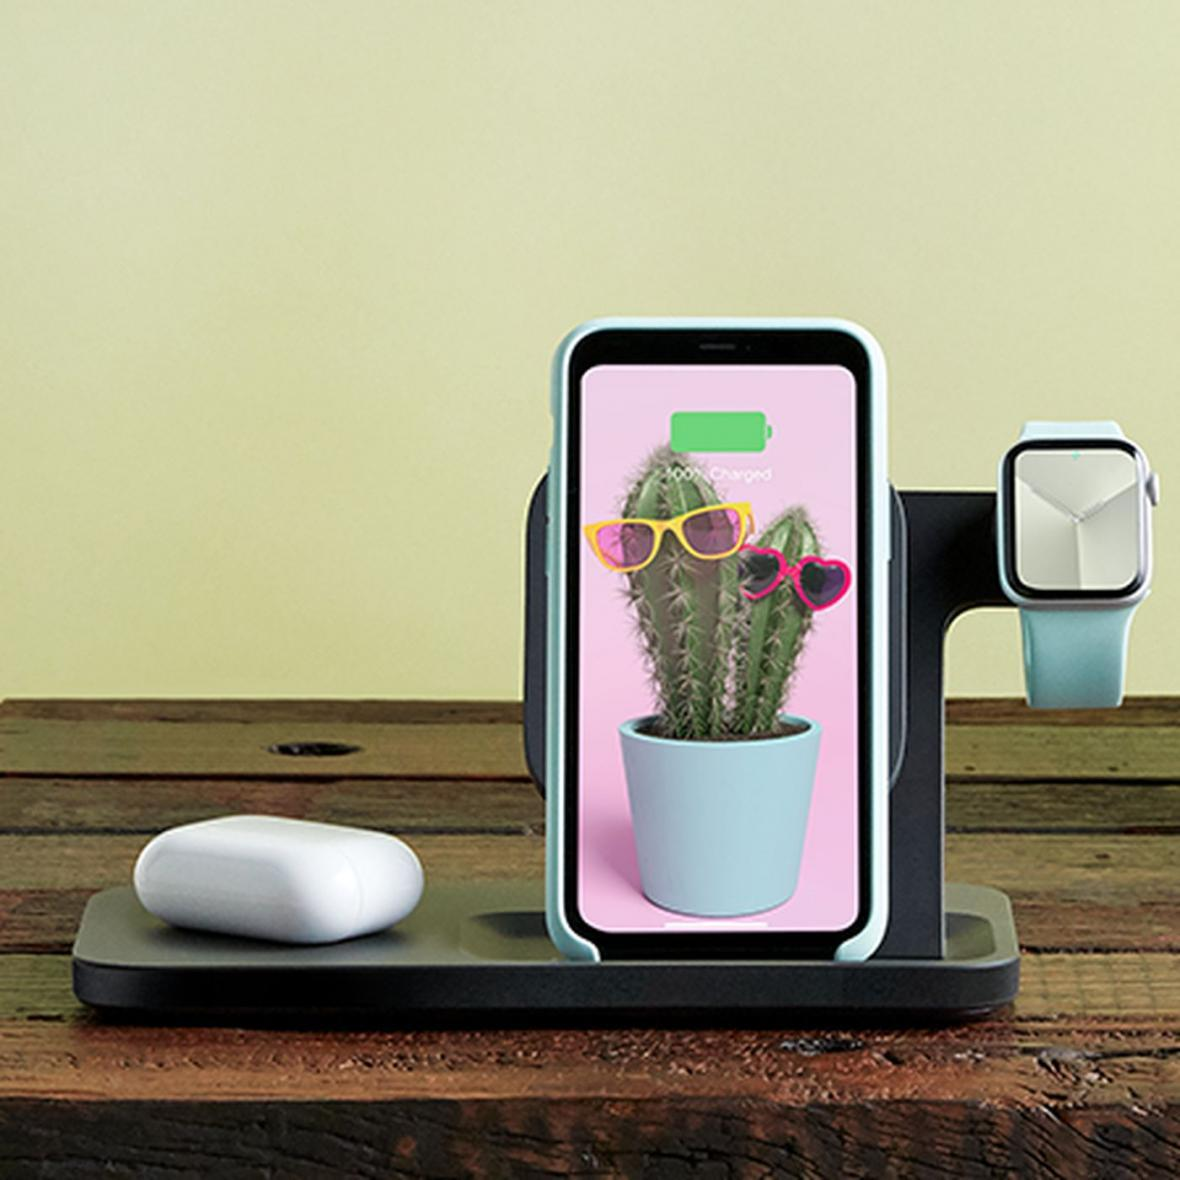 3 دستگاه هوشمند را همزمان شارژ کنید